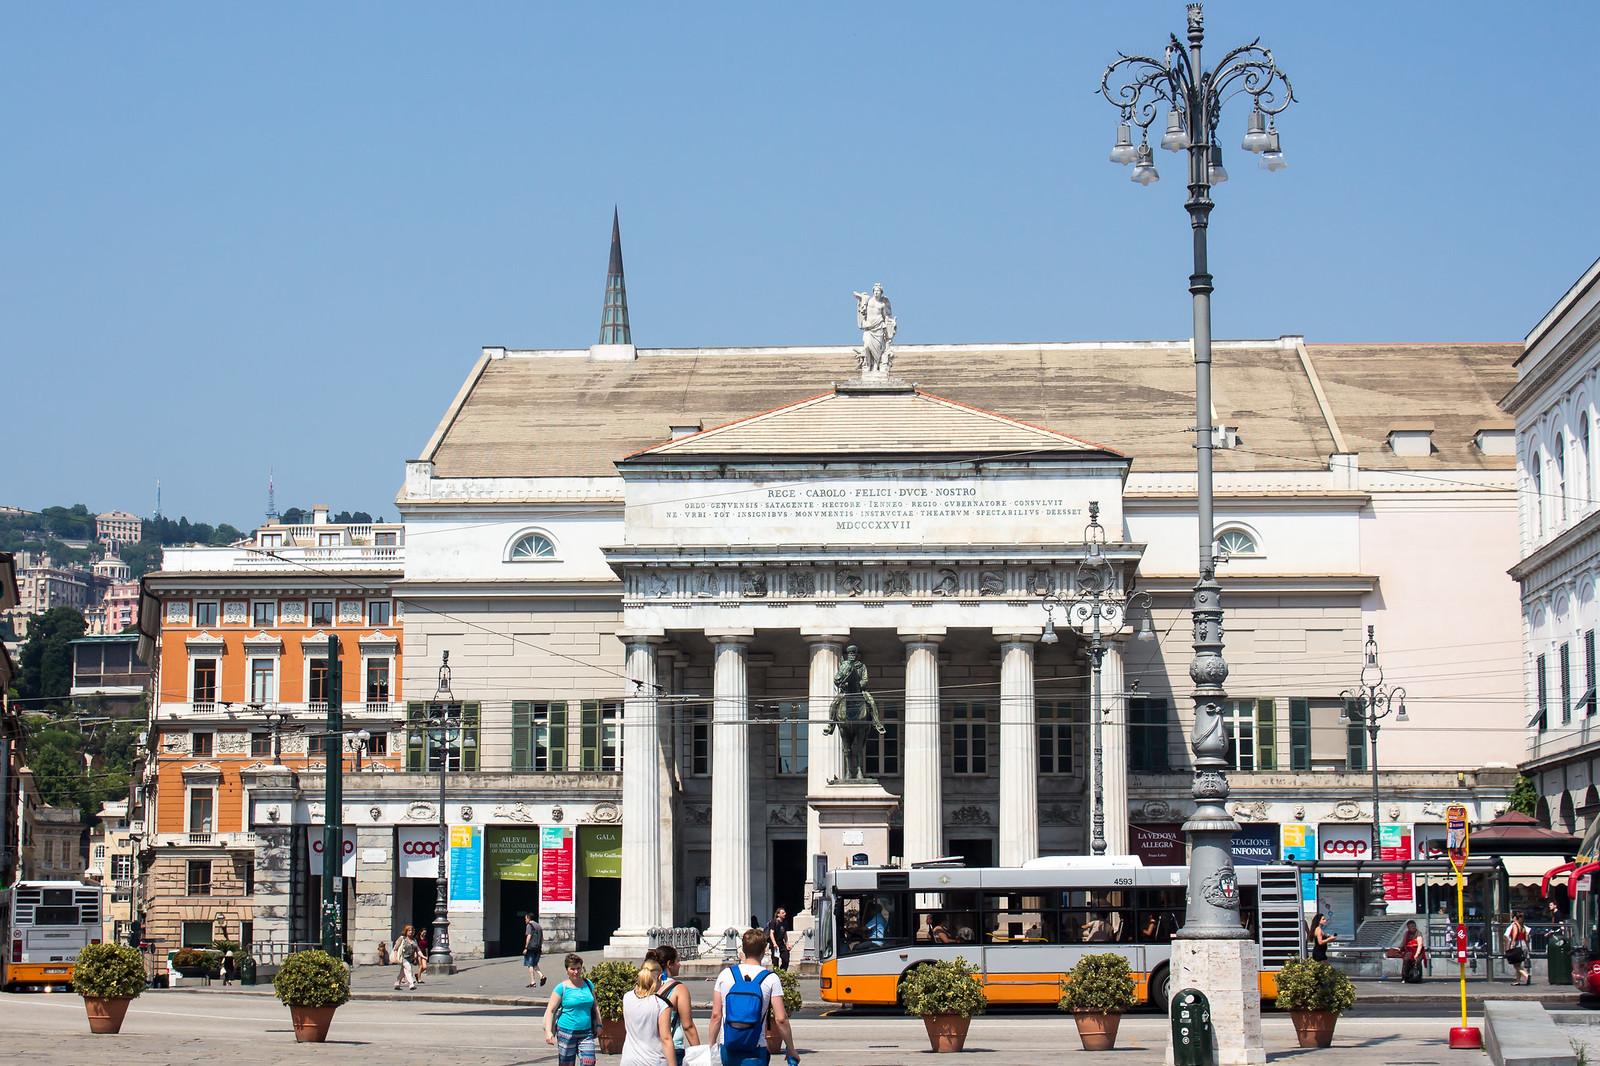 Генуя - С той же Piazza De Ferrari виден оперный театр Carlo Felice Opera Theatre.